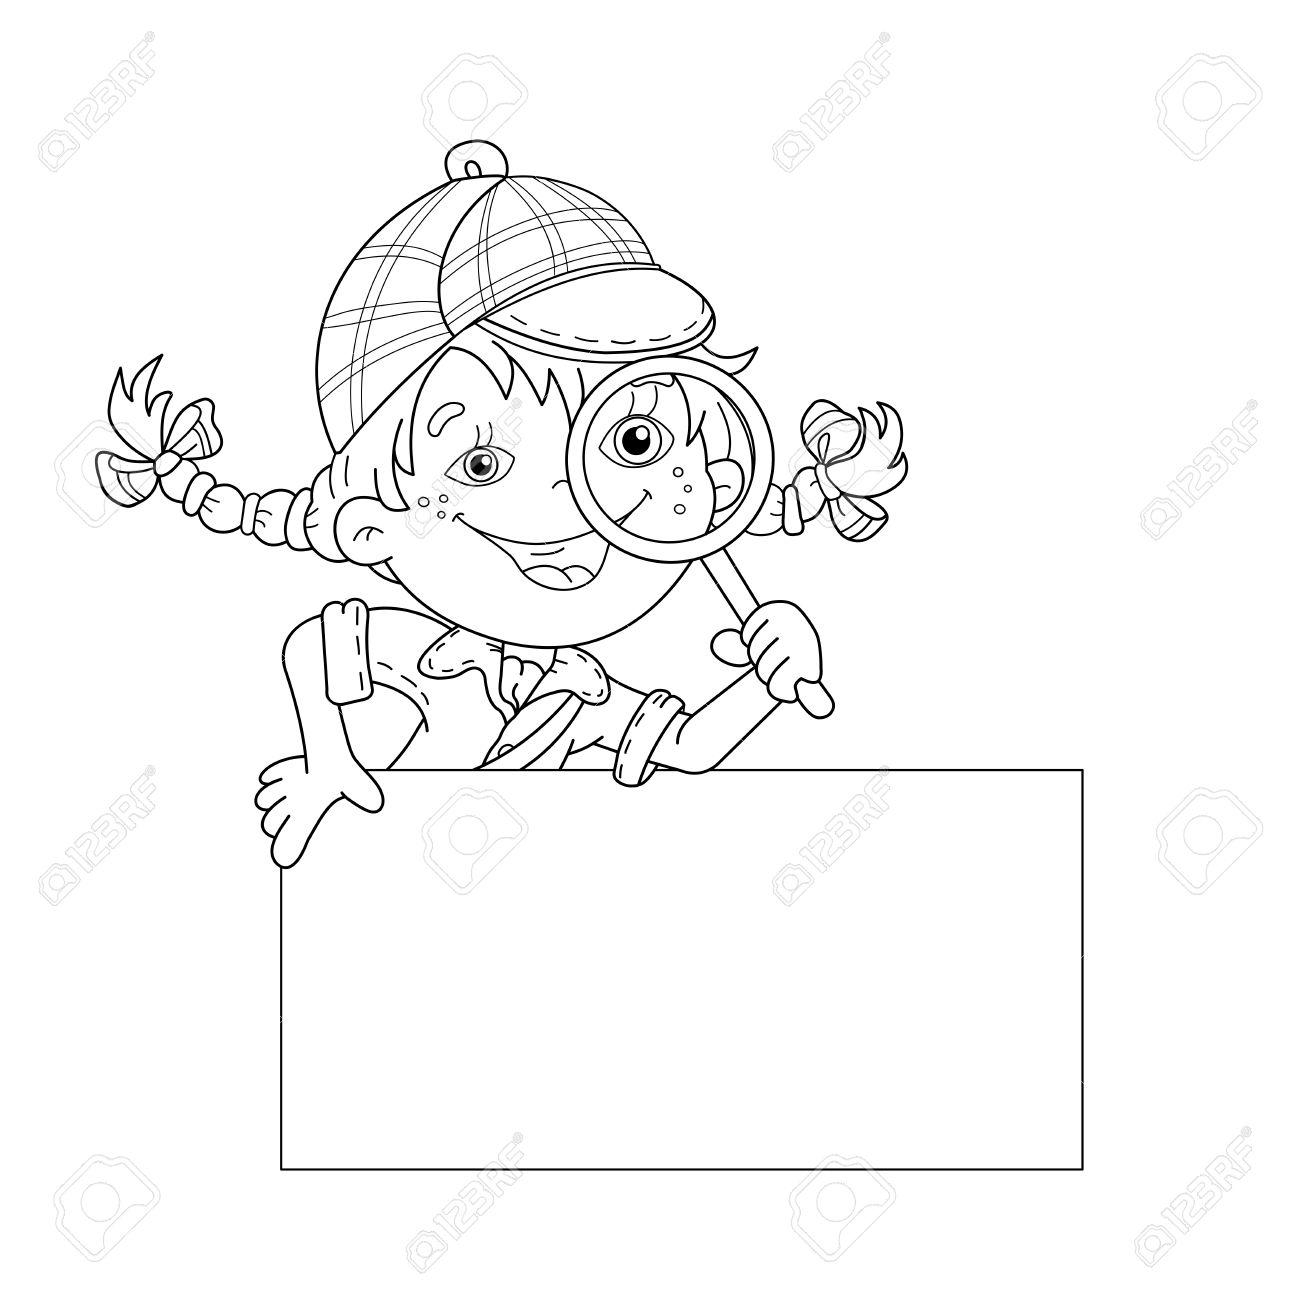 Pagina Para Pintar Dibujos. Caricatura De Vector Escala A Cualquier ...